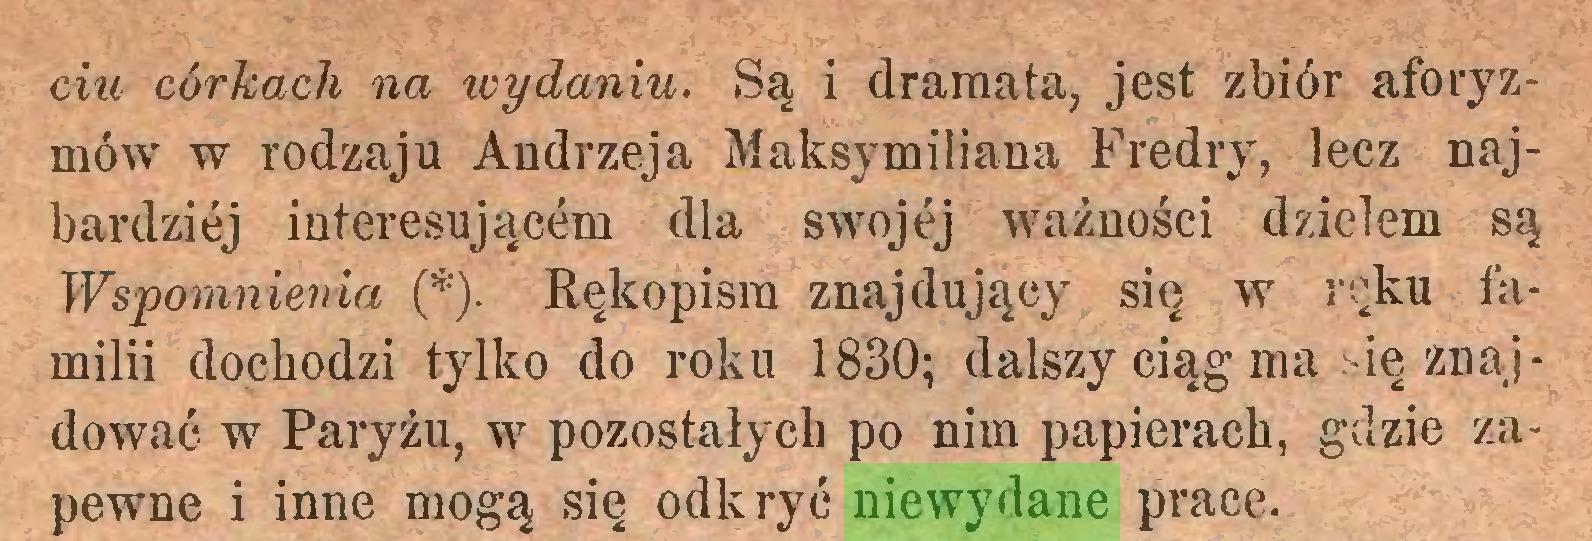 (...) ciu córkach na wydaniu. Są i dramata, jest zbiór aforyzmów w rodzaju Andrzeja Maksymiliana Fredry, lecz najbardziej interesującem dla swojej ważności dziełem są Wspomnienia (*). Rękopisra znajdujący się w ręku familii dochodzi tylko do roku 1830; dalszy ciąg ma się znajdować w Paryżu, w pozostałych po nim papierach, gdzie zapewne i inne mogą się odkryć niewydane prace...